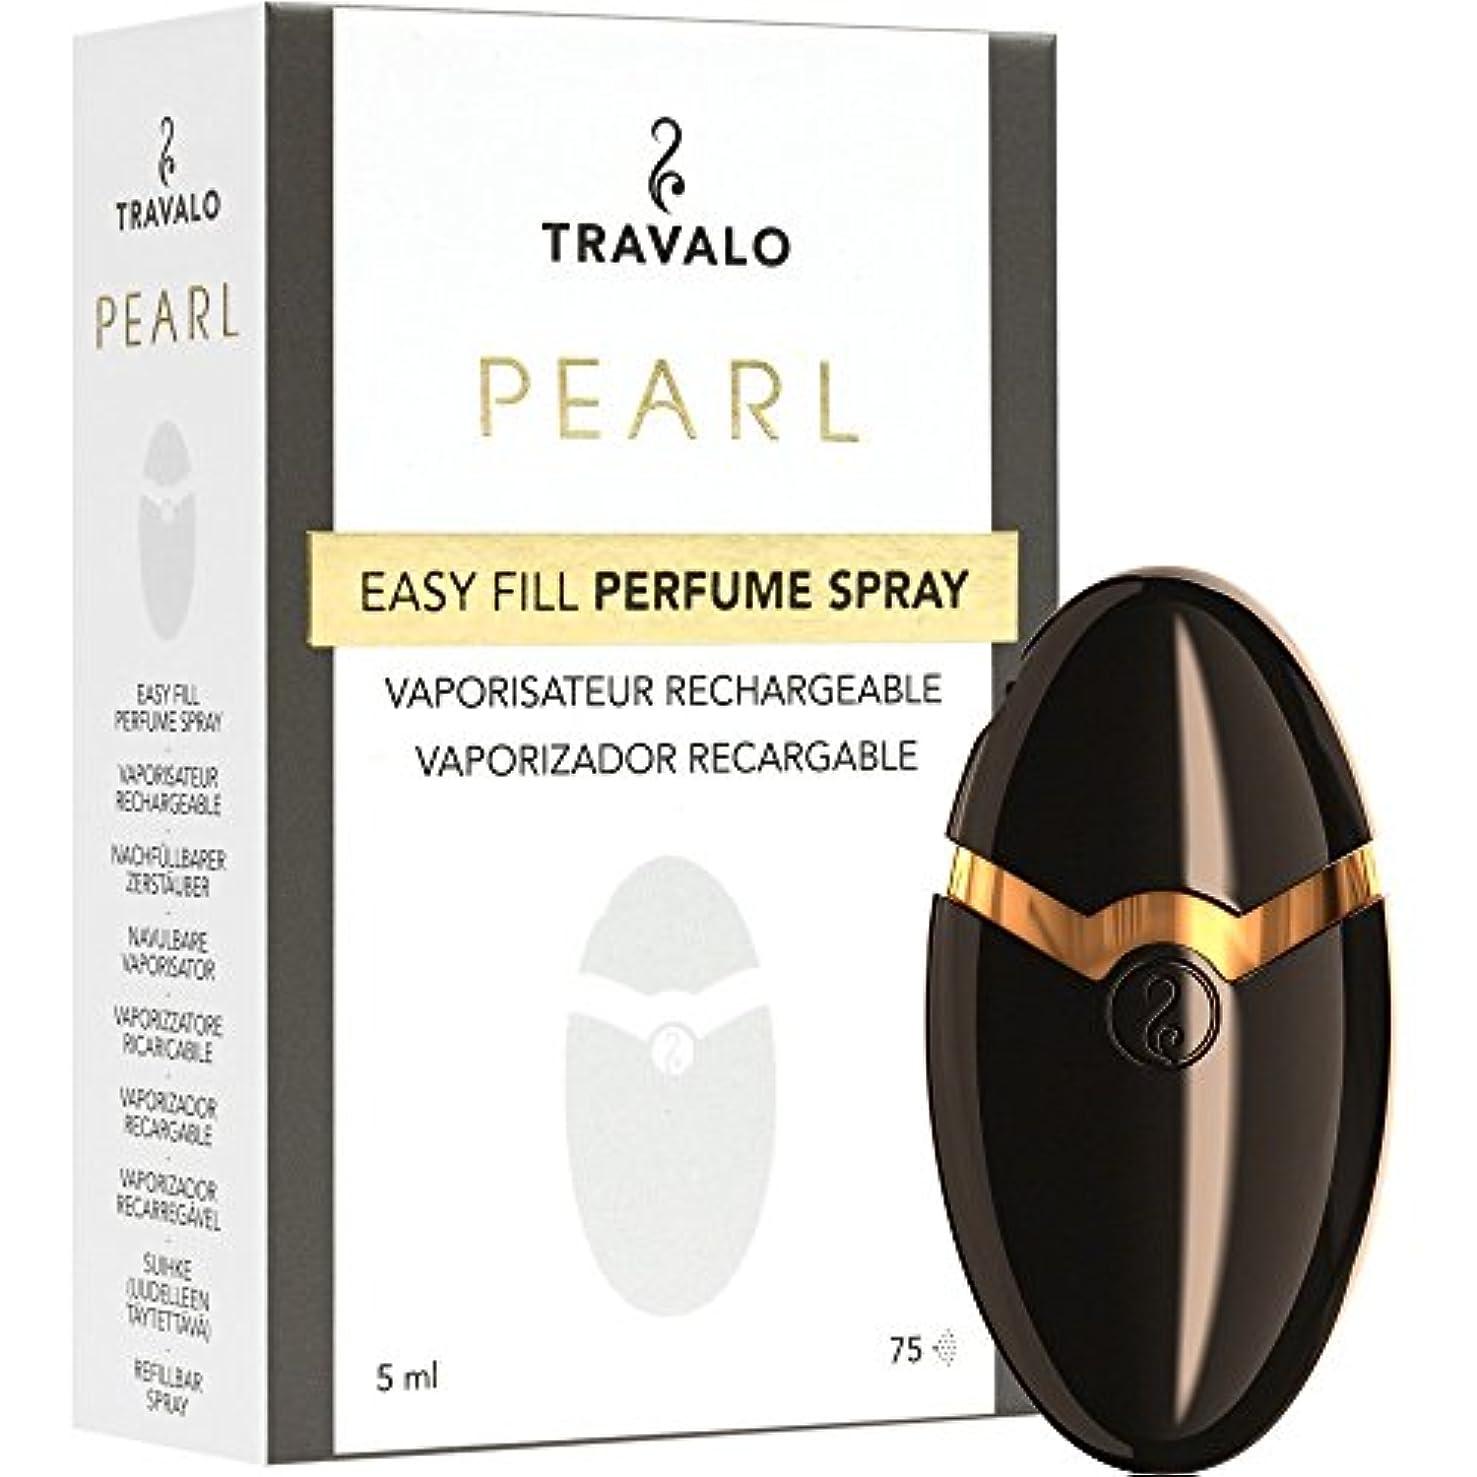 聖職者交通渋滞物語TRAVALO PEARL トラヴァーロ 香水 スプレー 香水 アトマイザー 香水 ボトル (ブラック)